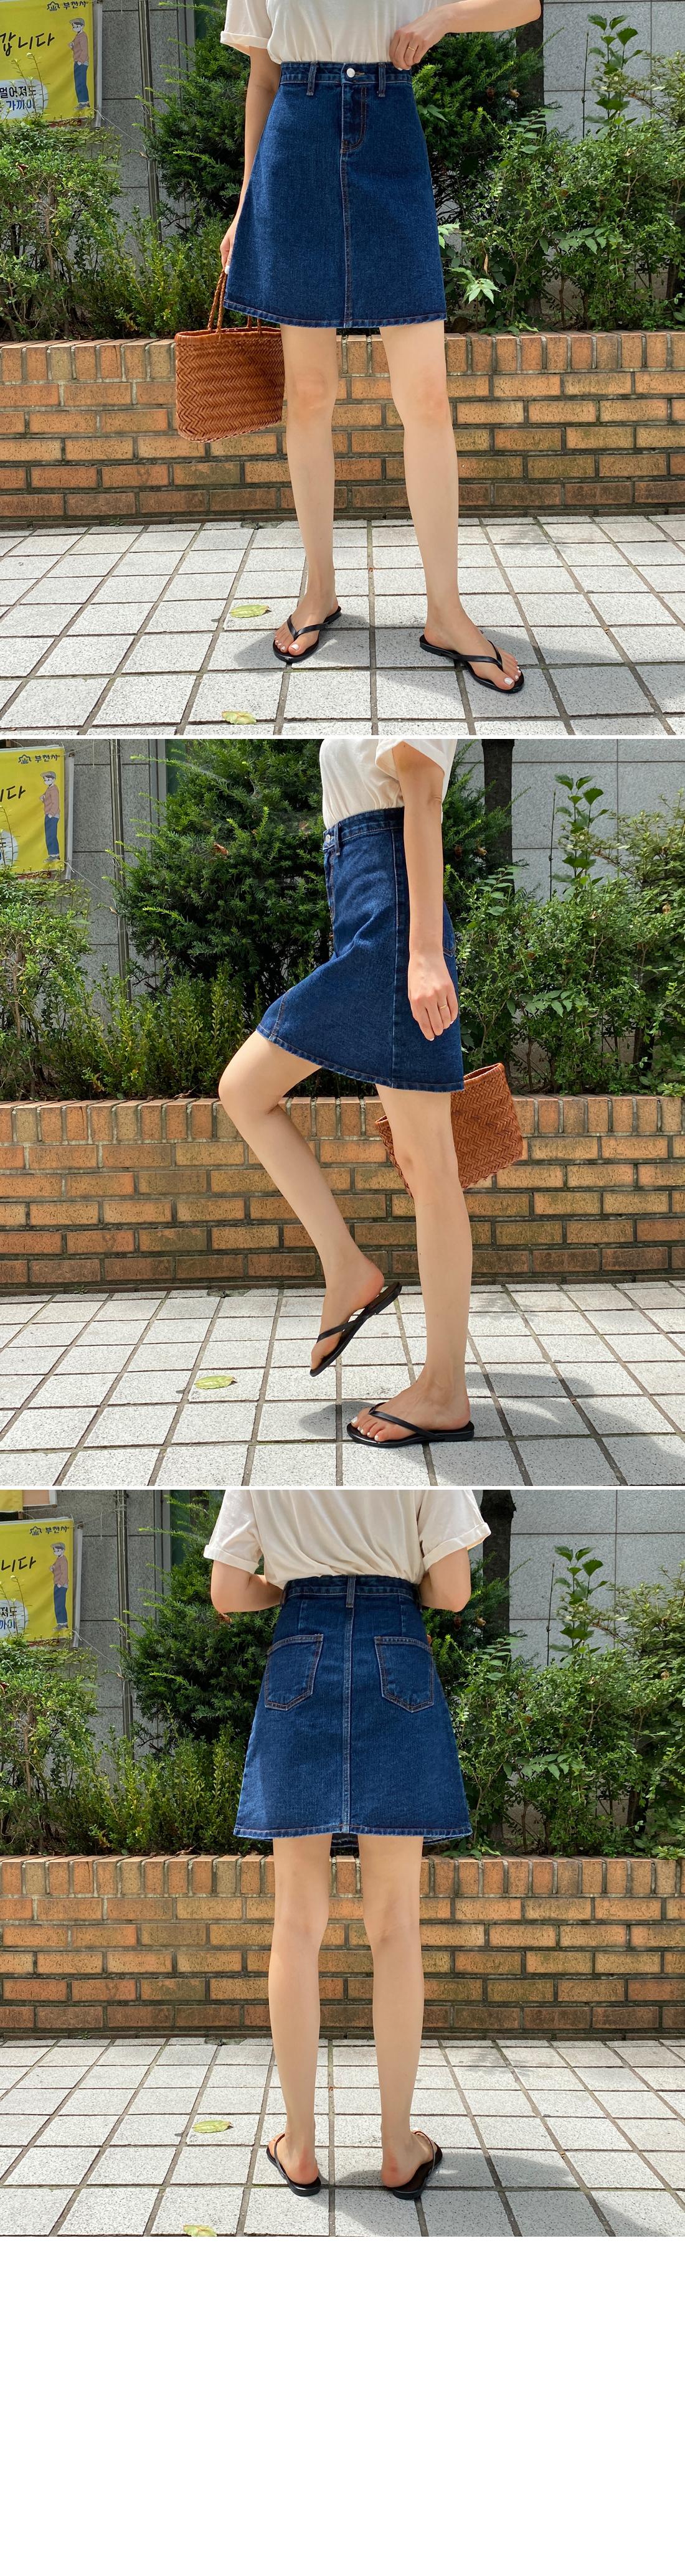 Denim a-line full skirt